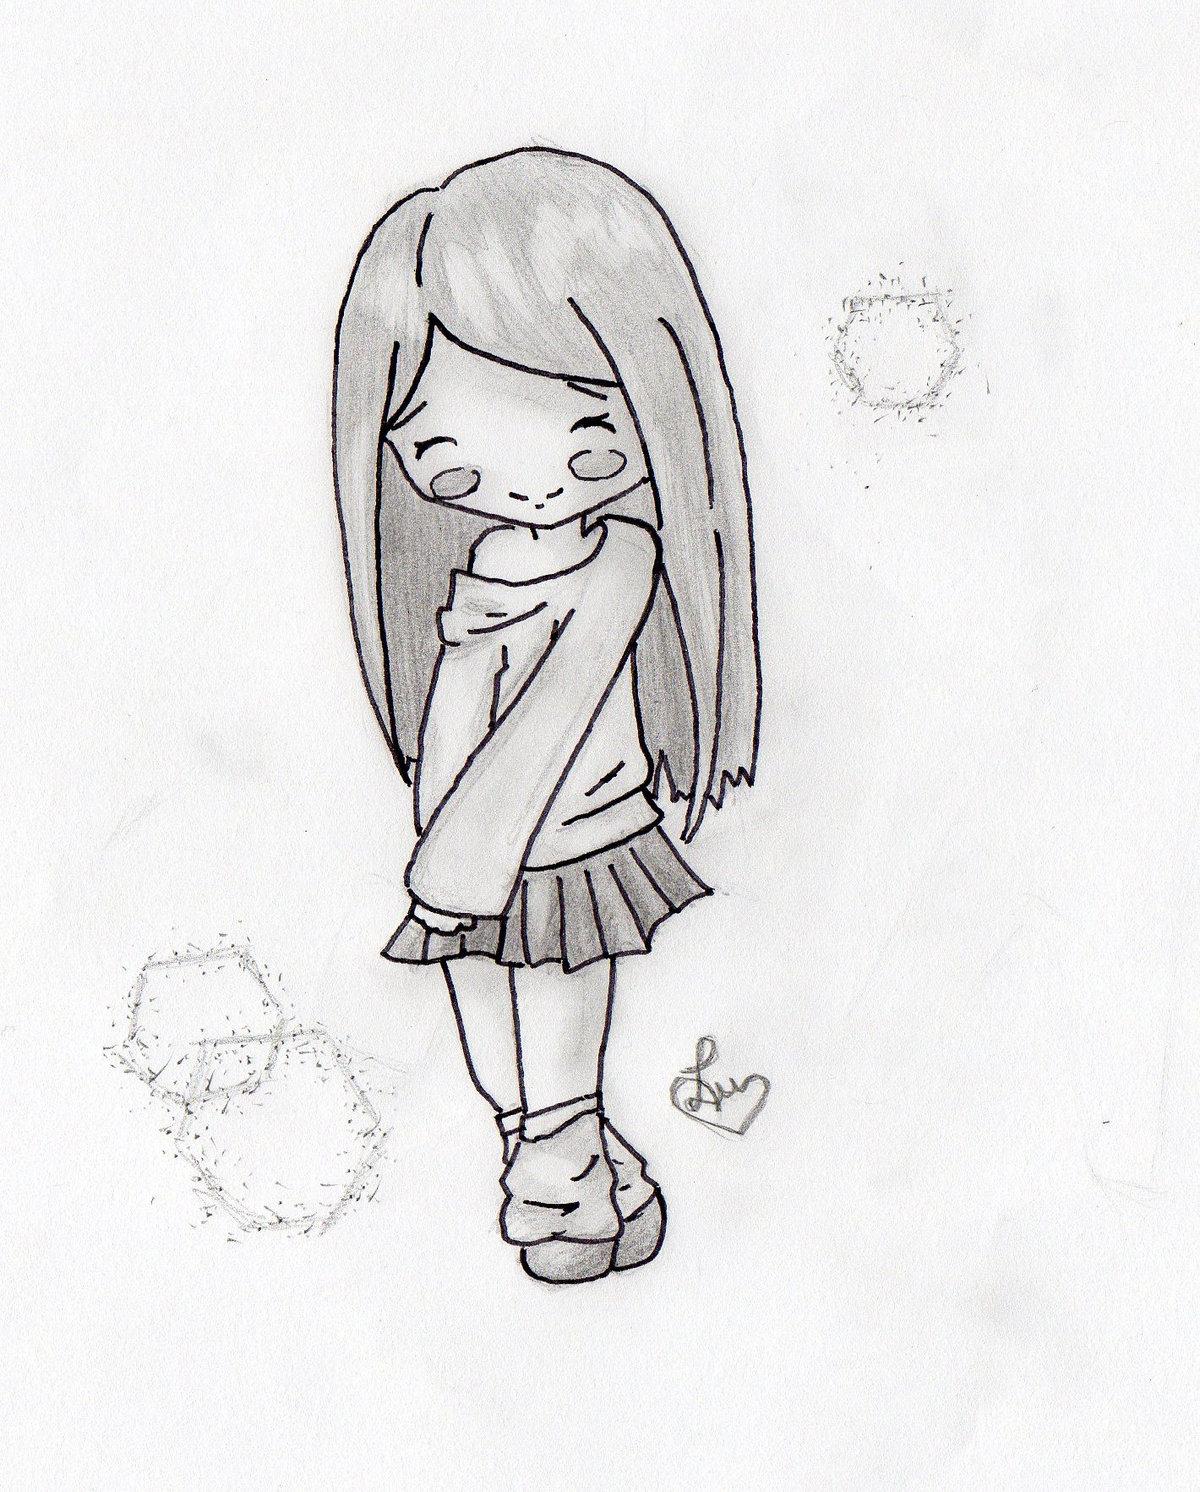 очень арты для рисования карандашом очень легко и красиво это обычный